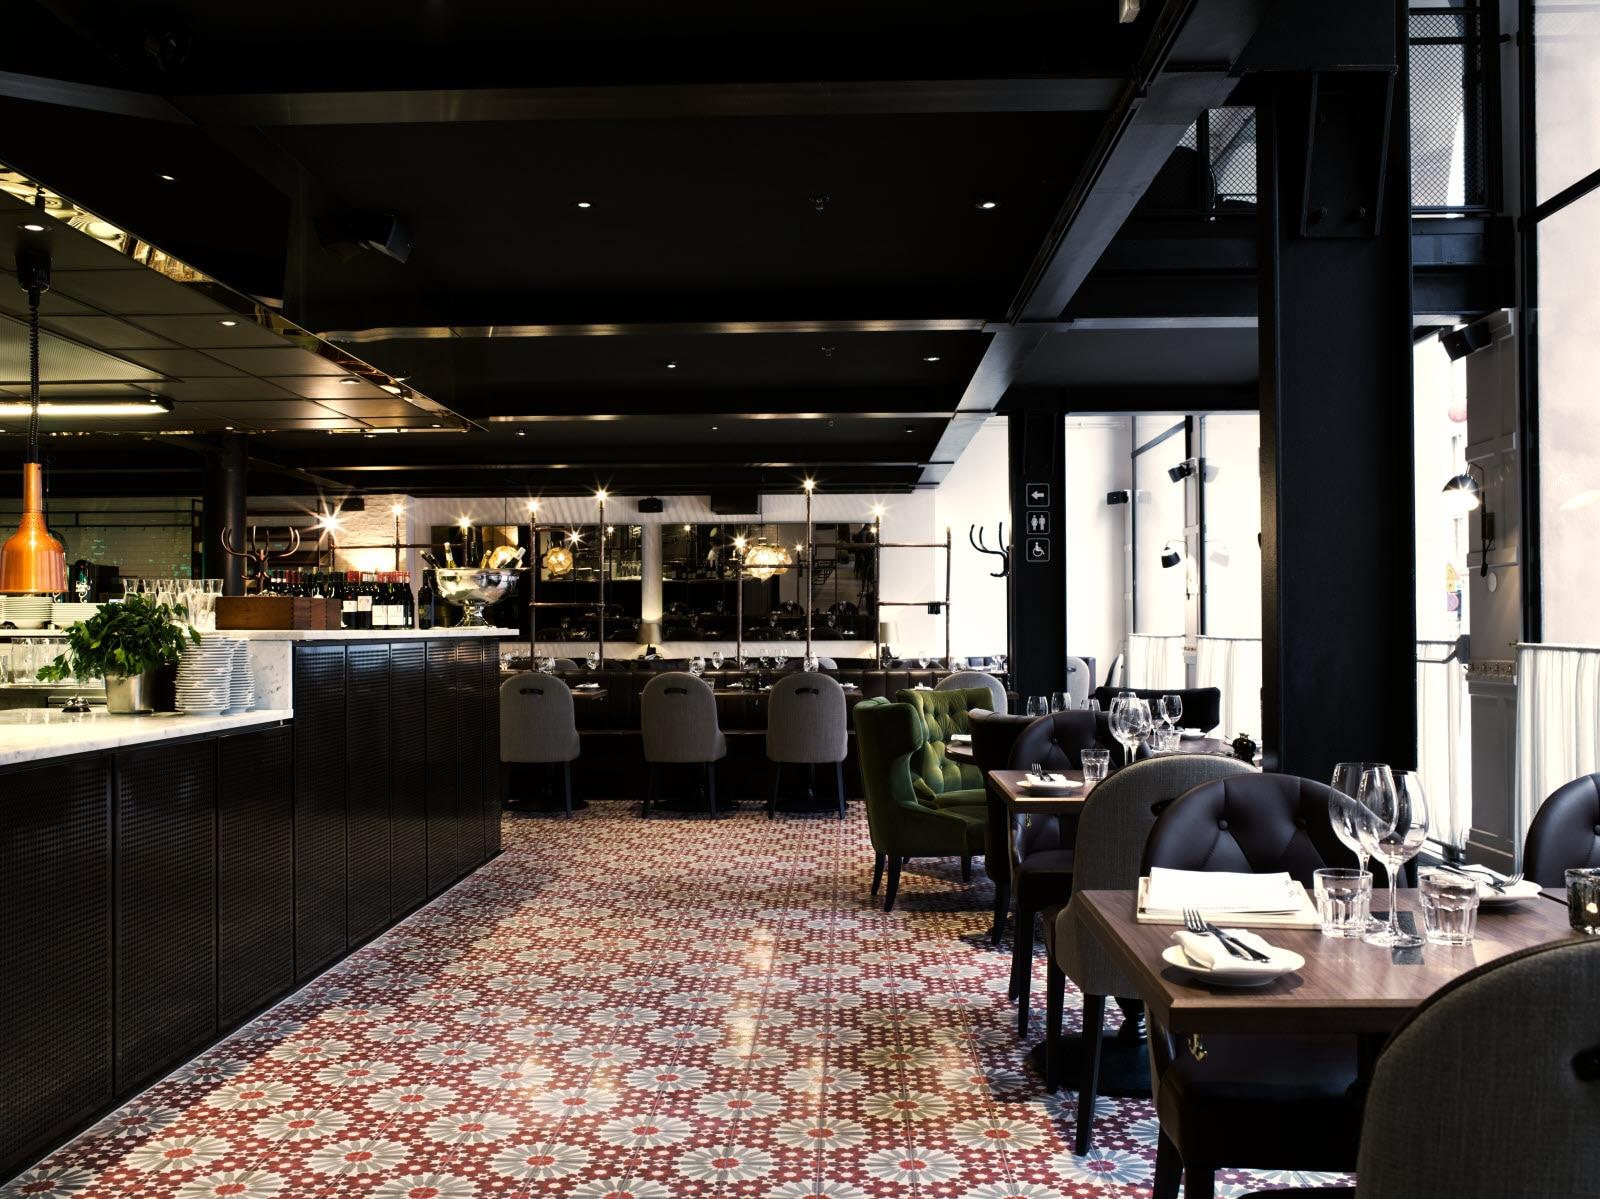 Teaterbrasseriet scandic hotels for Food bar grand hotel stockholm